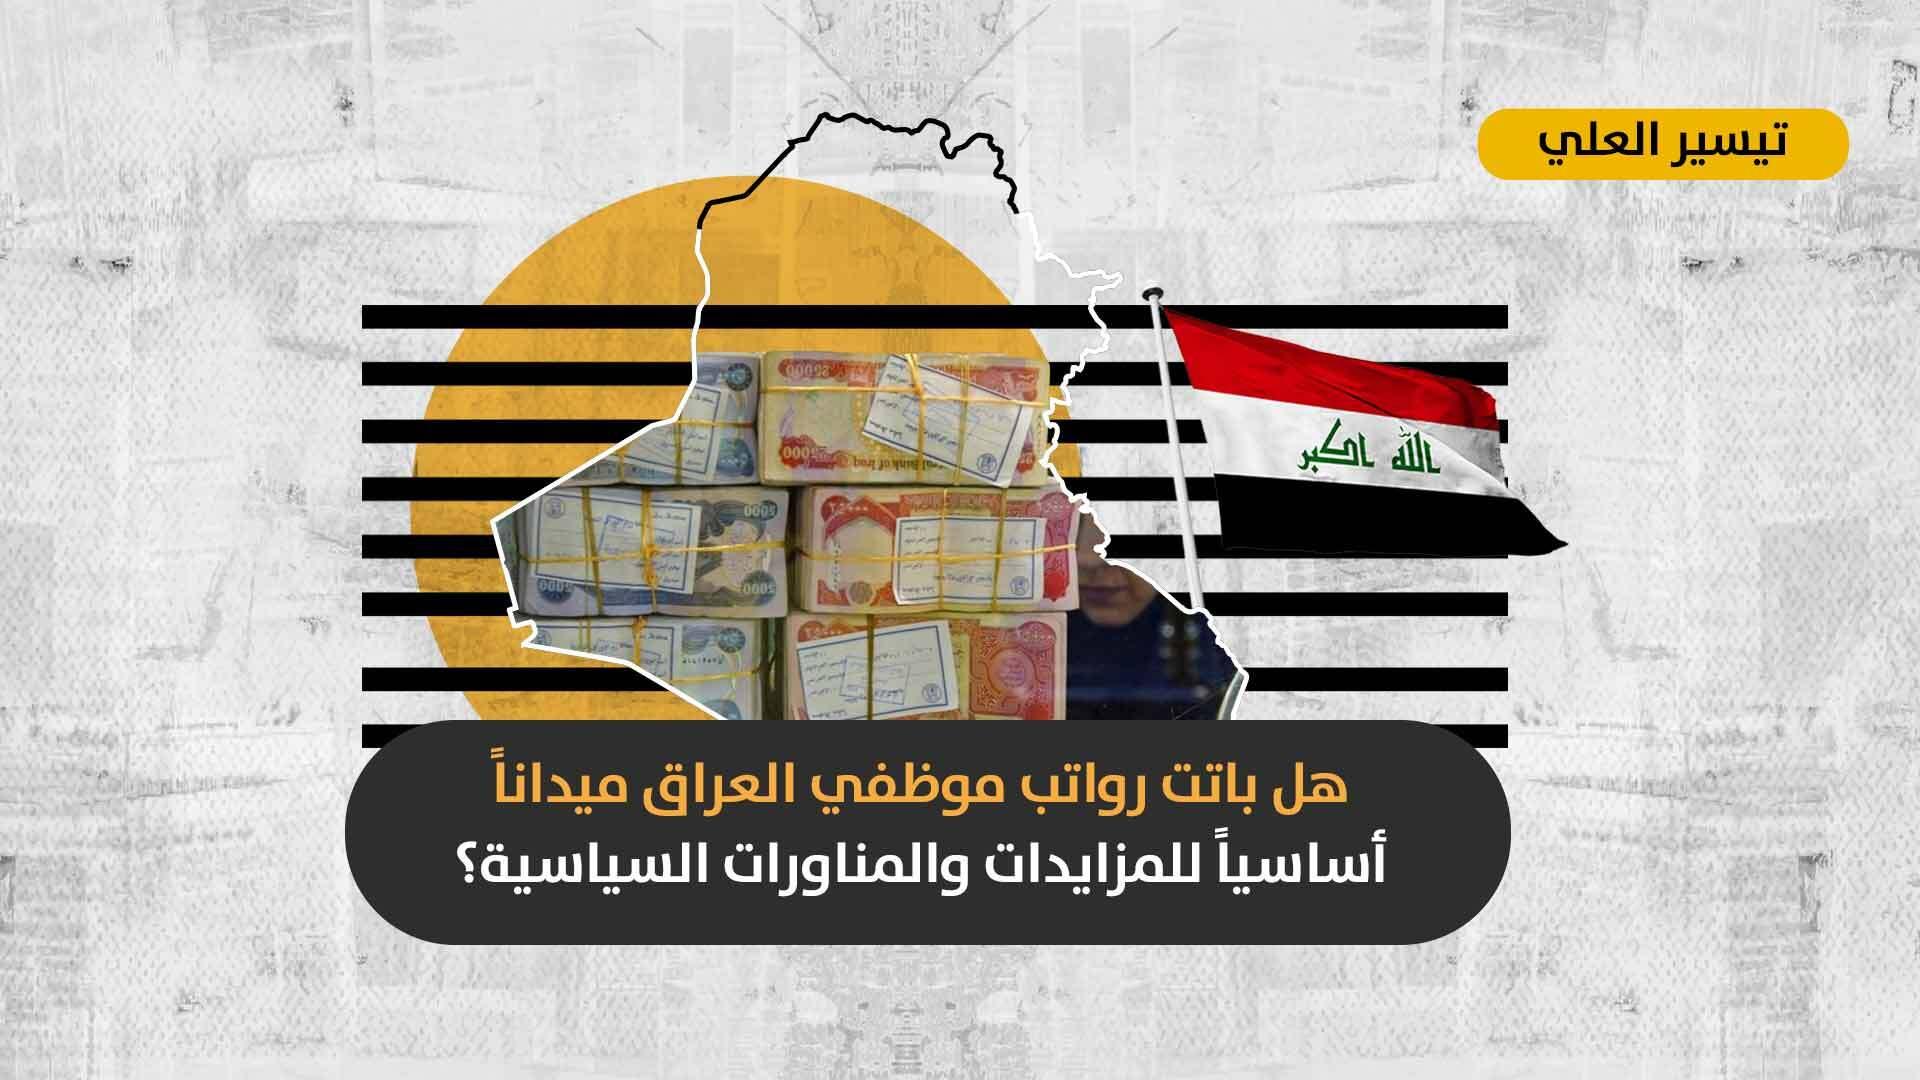 الأزمة المالية في العراق: لماذا تعود الأحاديث عن استقطاعات جديدة في رواتب الموظفين رغم ارتفاع أسعار النفط؟